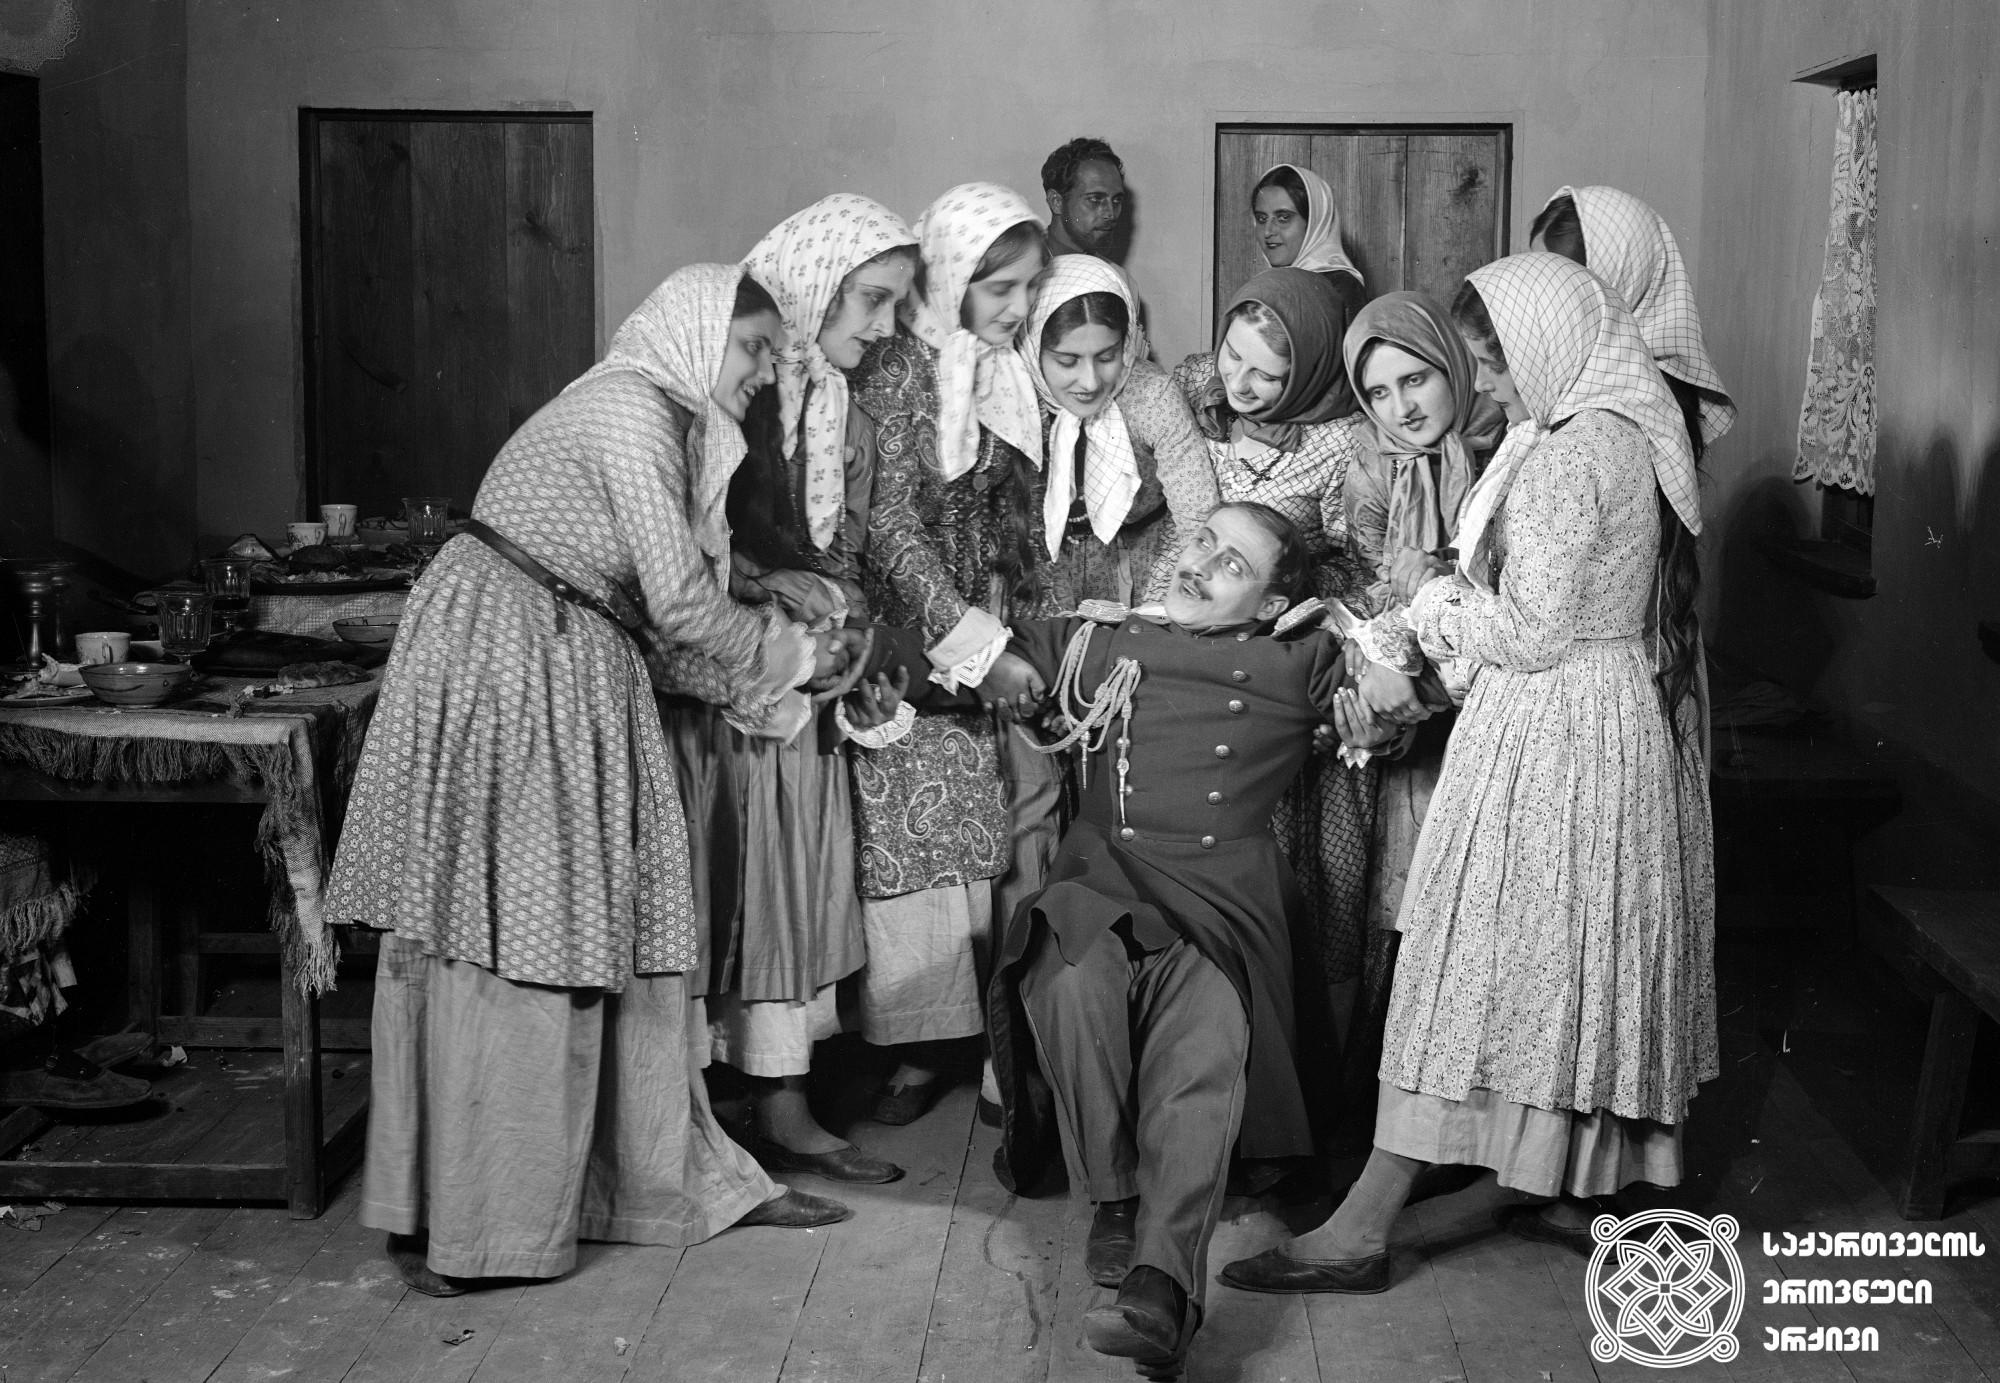 """""""თეთრი მხედარი"""" (""""ომის ღმერთი""""). 1929. <br> რეჟისორი: ეფიმ ძიგანი. <br> სცენარის ავტორები: ლ. გოლდენვეიზერი, ეფიმ ძიგანი.  ოპერატორები: სერგეი ზაბოზლაევი, ალექსანდრე გალპერინი. მხატვარი: რობერტ ფედორი. <br>  Tetri Mkhedari (Omis Ghmerti) (The White Warrior (God of the War)). 1929. <br>  Director: Efim Dzigani. <br> Screenwriters: L. Goldenveizer, Efim Dzigani.  Camera operator: Sergei Zabozlaev, Alexander Galperin. Production designer: Robert Fedor."""